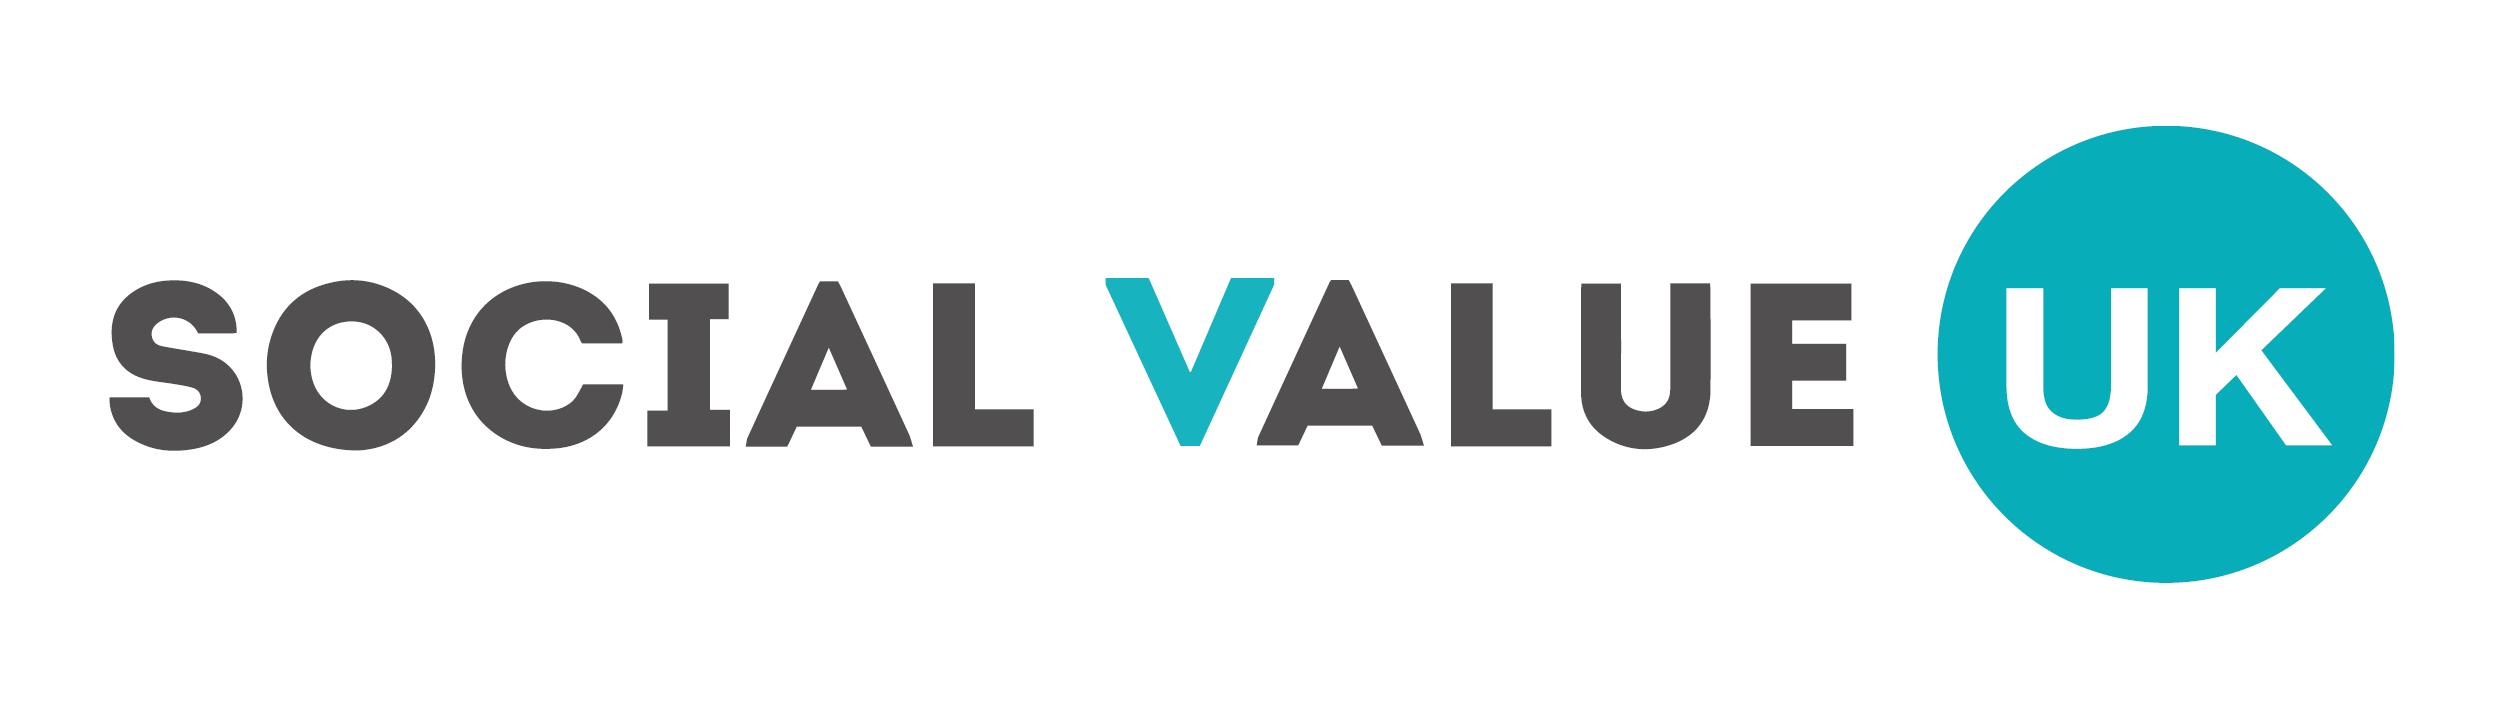 Social Value UK